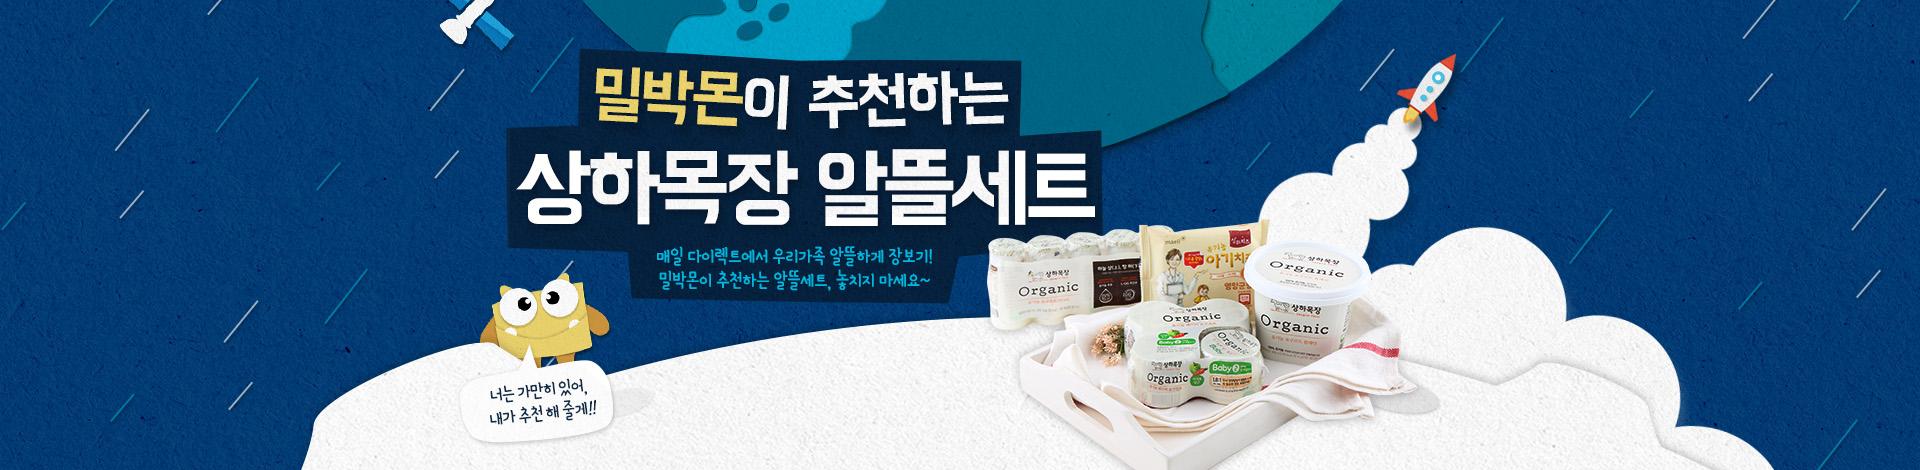 밀박몬 추천세트